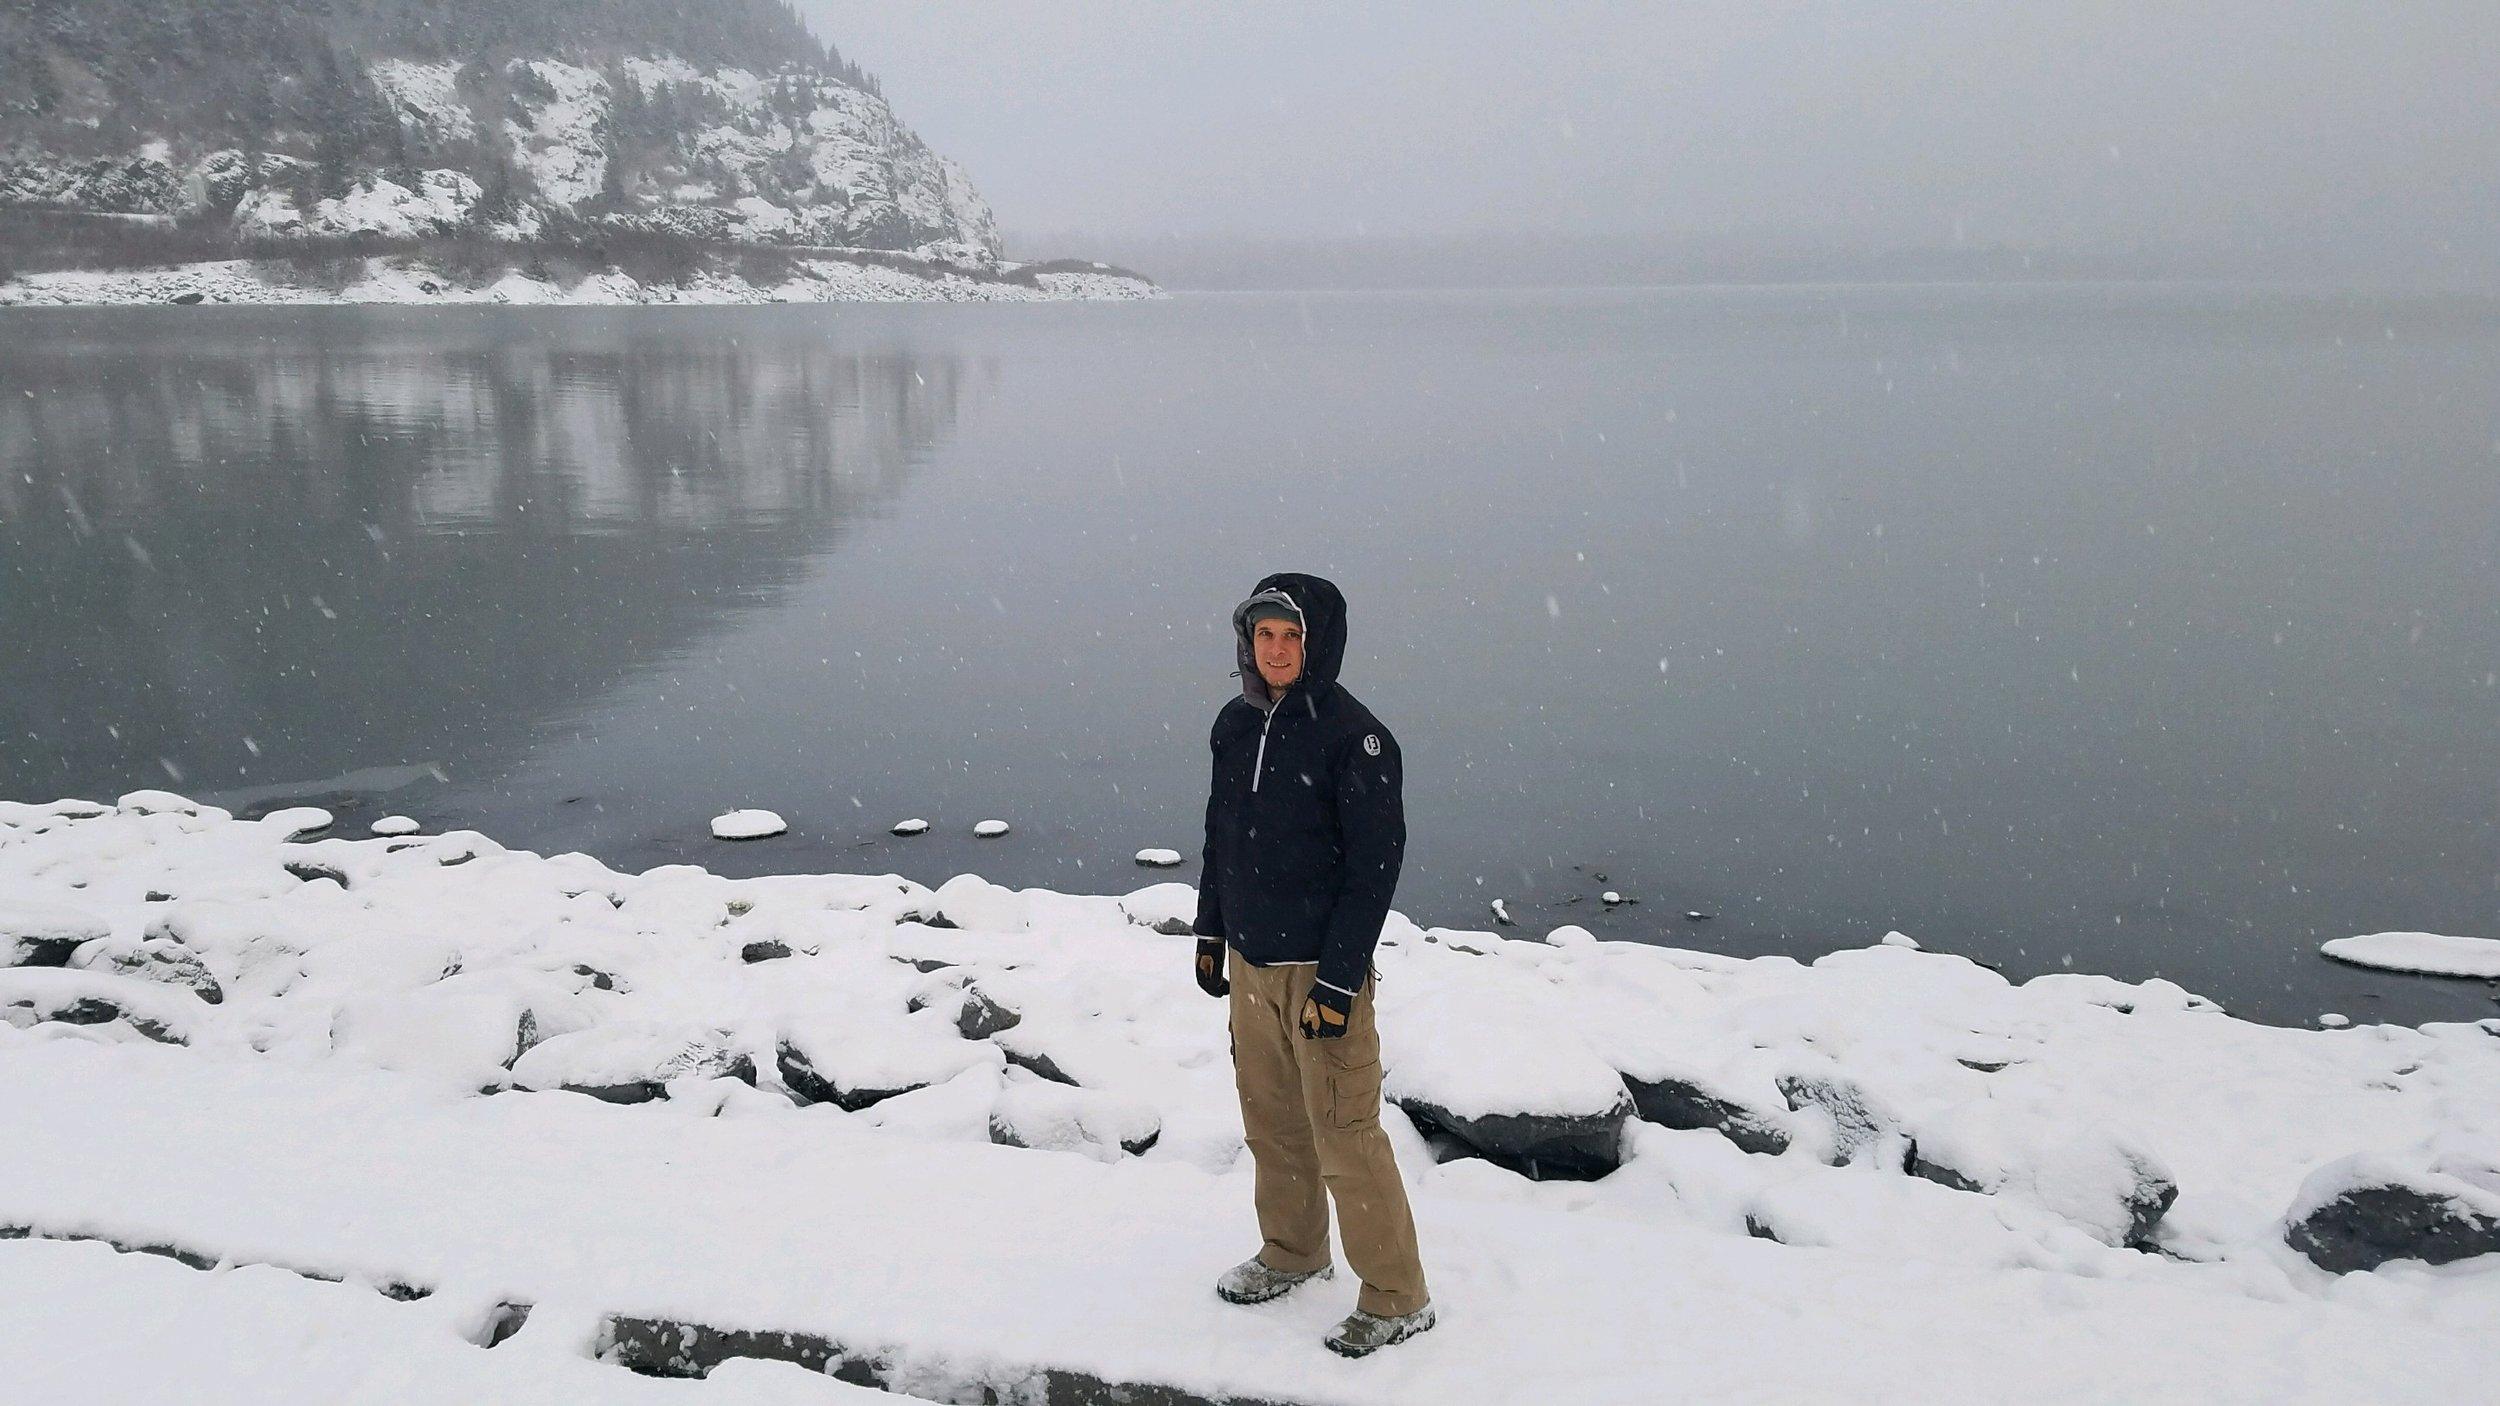 Life in Anchorage Alaska -7 degrees in Novemeber